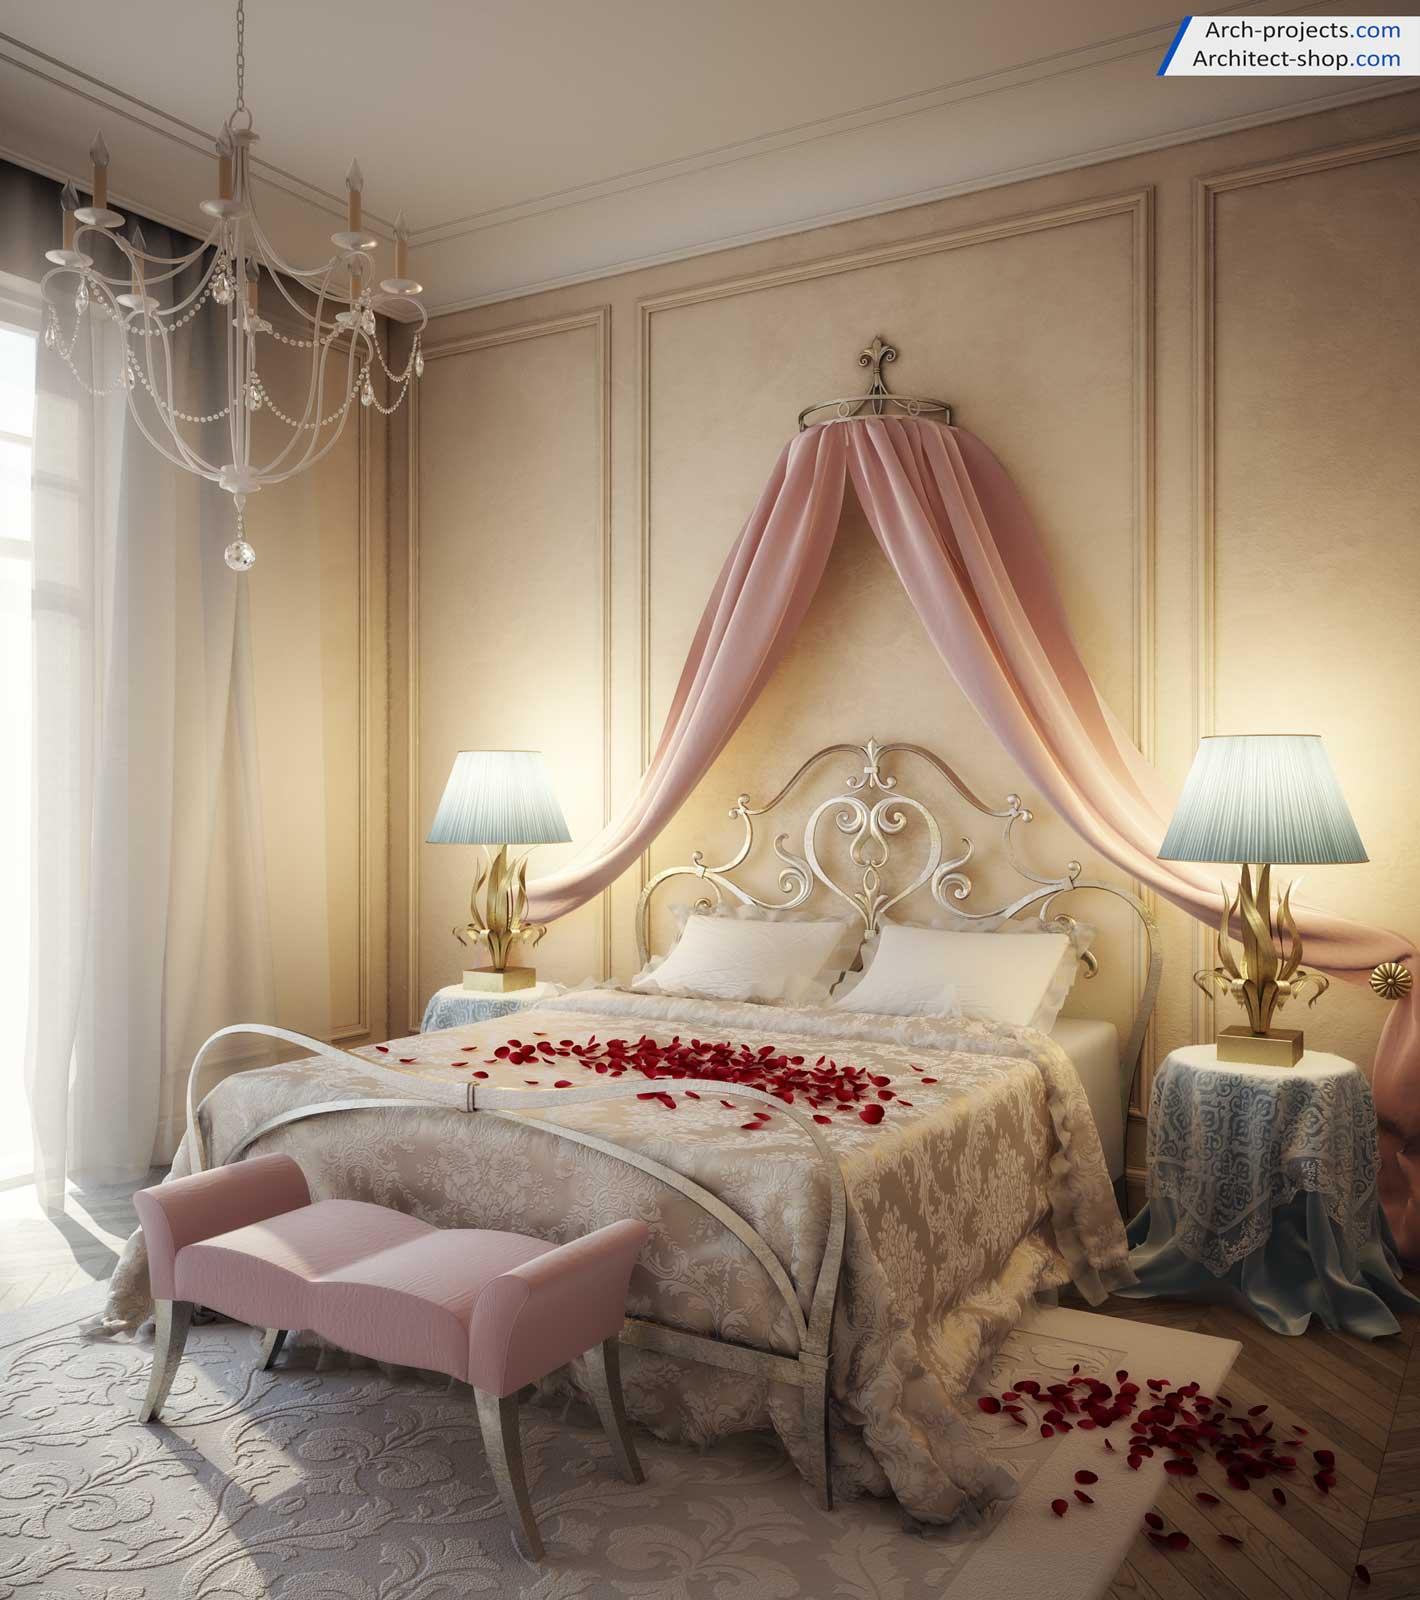 آموزش طراحی اتاق خواب کلاسیک در تری دی مکس